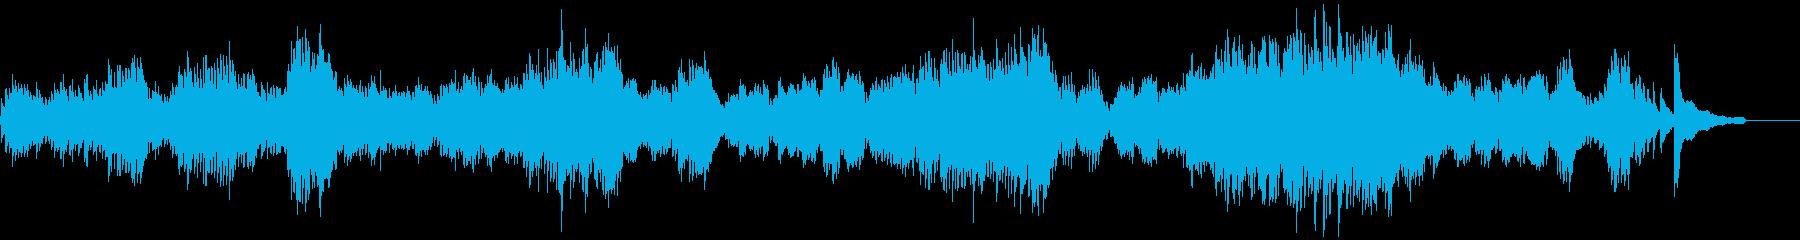 バッハ平均律クラヴィーア曲集の最初の曲の再生済みの波形